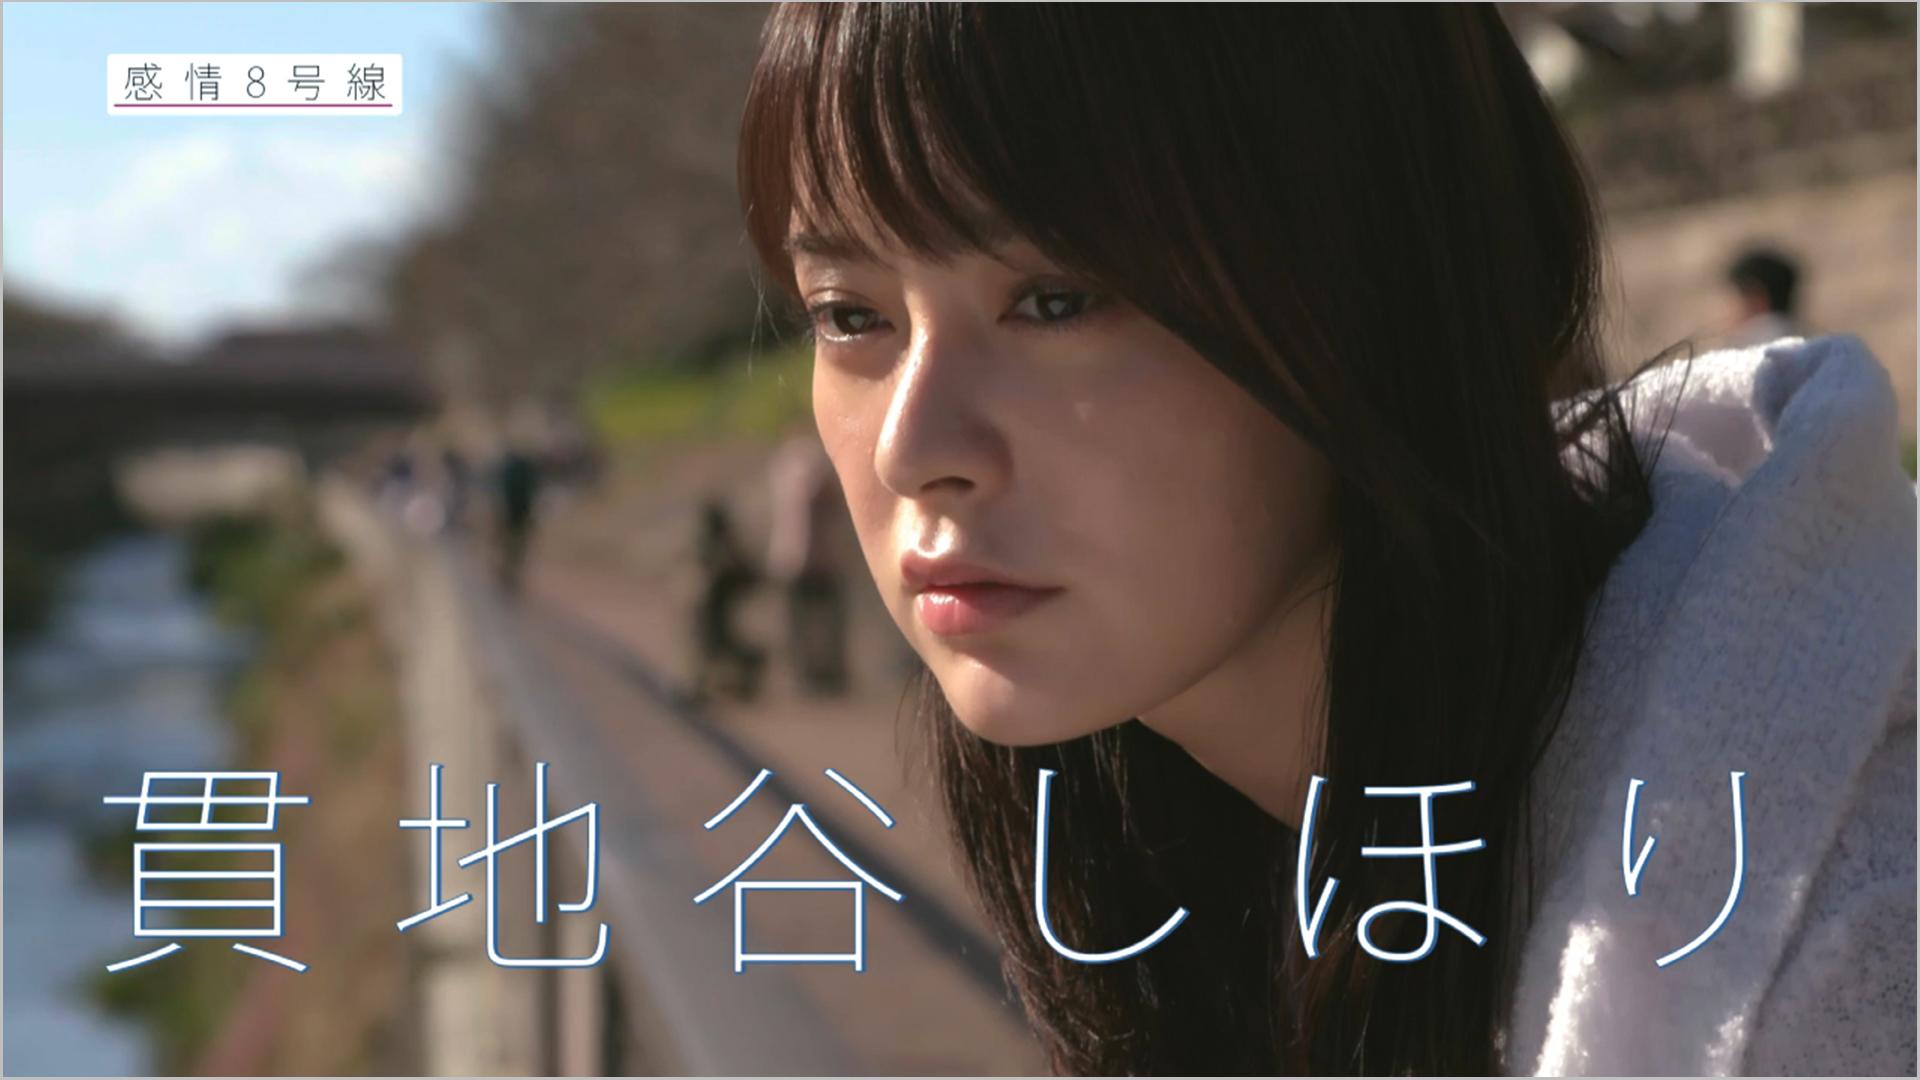 感情8号線 第3話「千歳船橋 亜実」